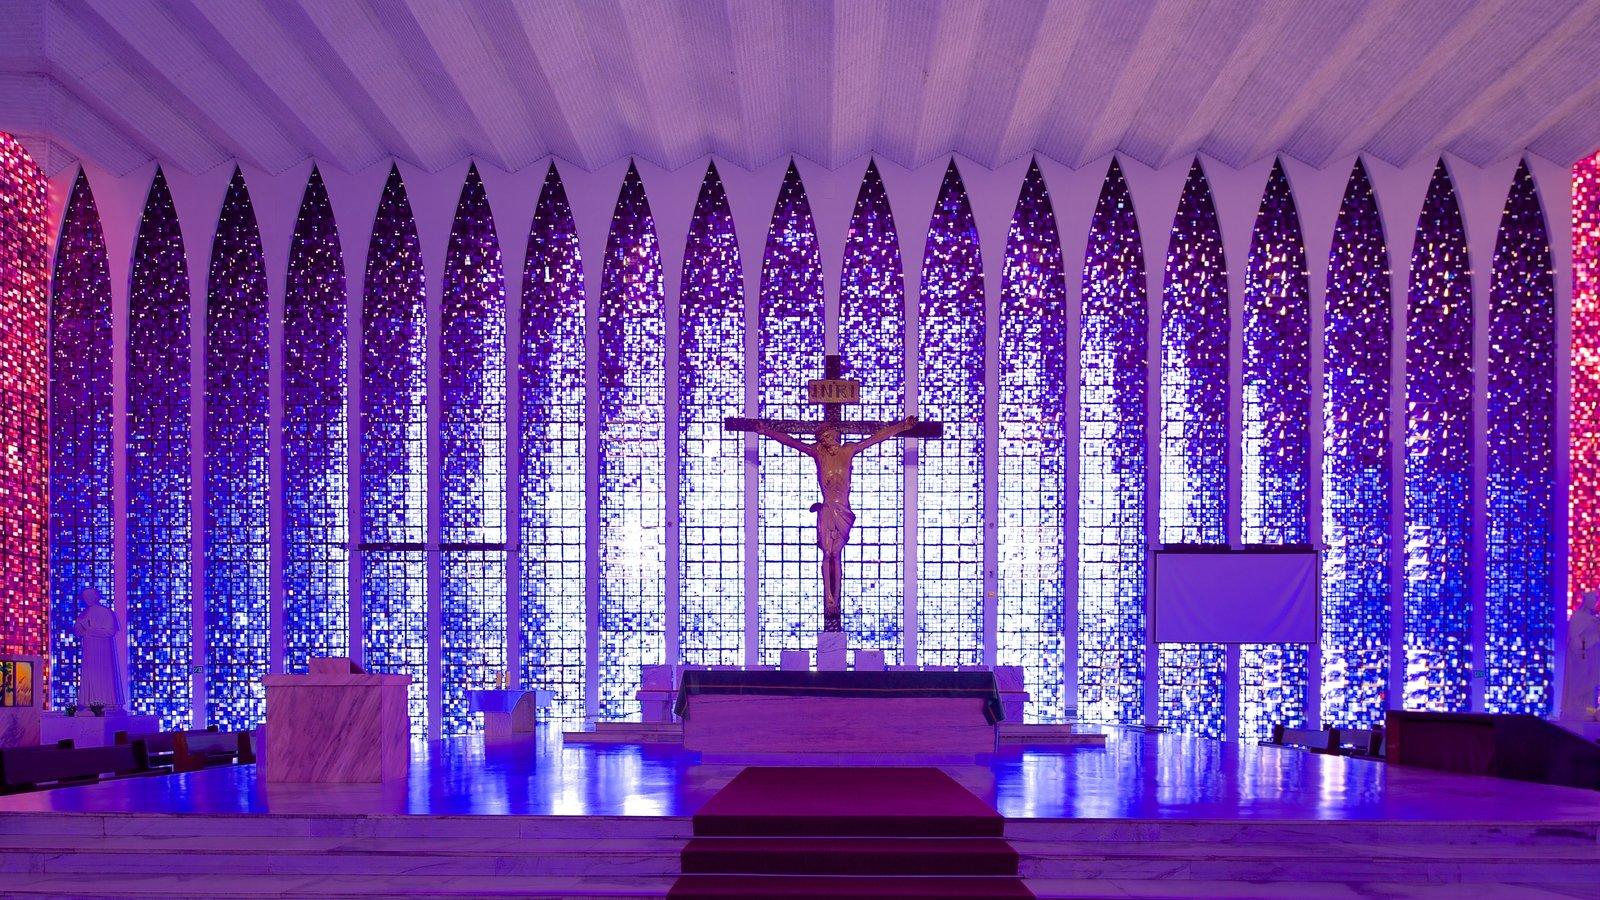 Santuário Dom Bosco que inclui aspectos religiosos, vistas internas e uma igreja ou catedral